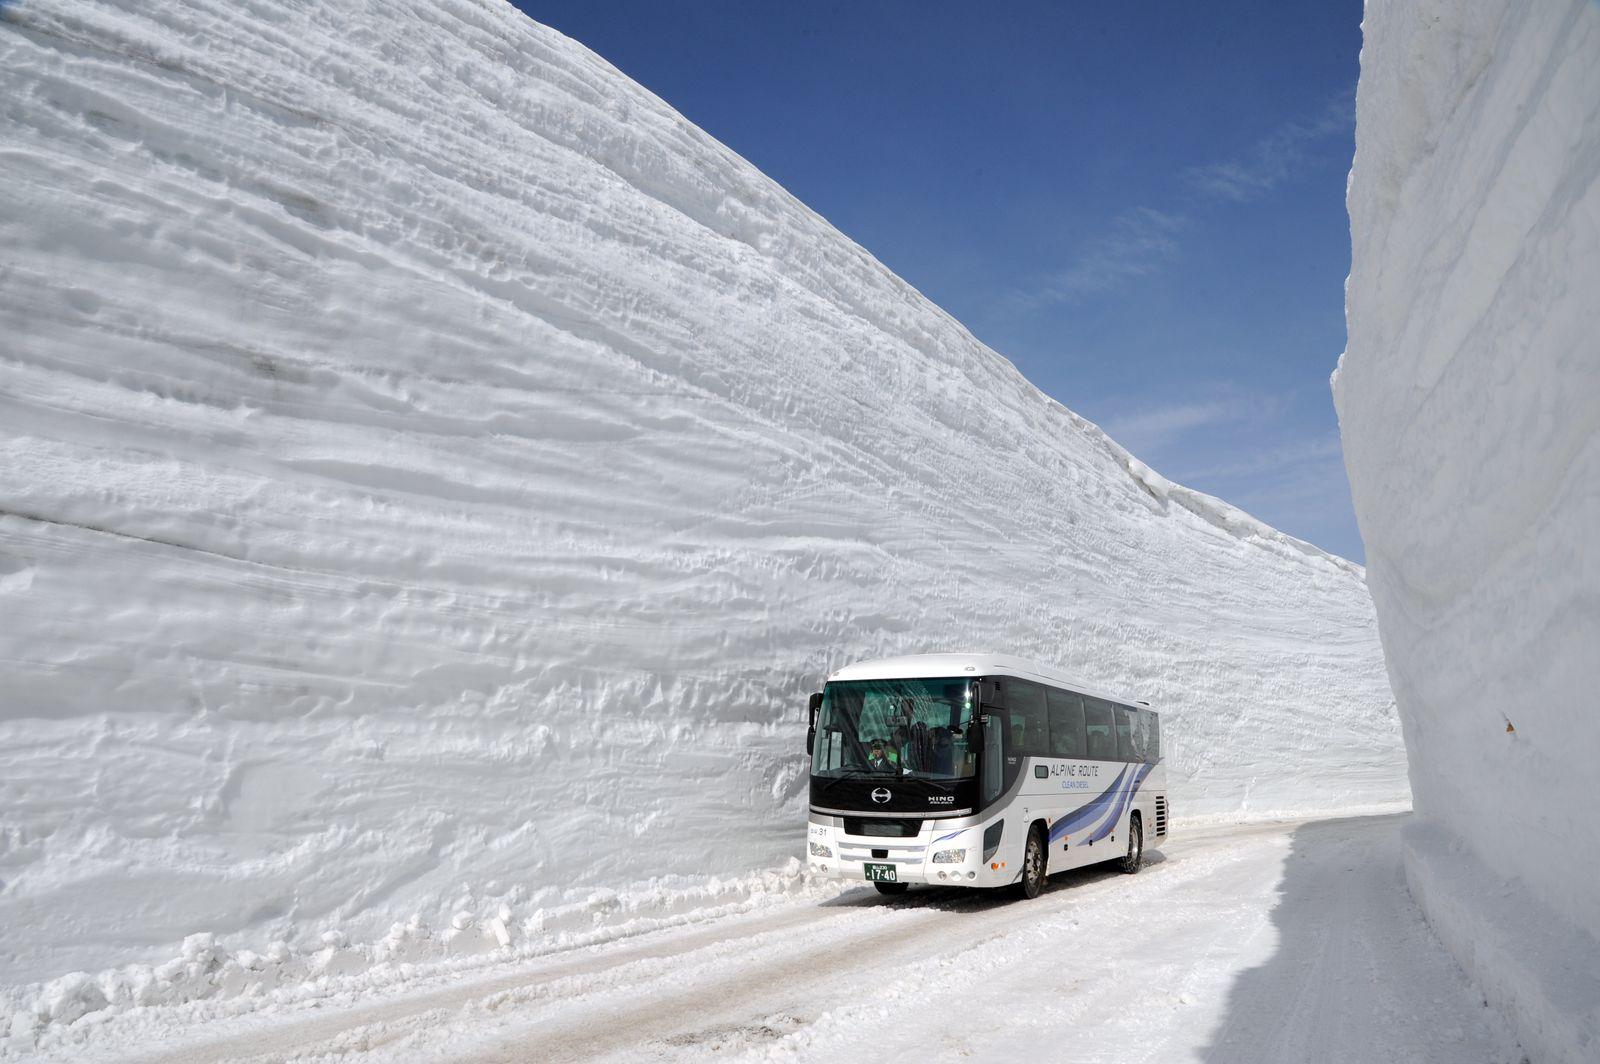 皆さんは「立山黒部アルペンルート」は、ご存じでしょうか? 多種多様な乗り物によって標高2000〜3000メートル級の山々を貫き長野県から富山県を結ぶ山岳ルートで、毎年4月から11月の8カ月間だけ通過できる、旅ツウ憧れの旅先の一つです。ときに20メートルにもおよぶという雪の壁が圧巻の「雪の大谷ウォーク」(写真)で、ご存じの方も多いかもしれません。でも、その魅力は積雪の時期だけではなく、雪解け後の夏時期も最高に素敵なんです。